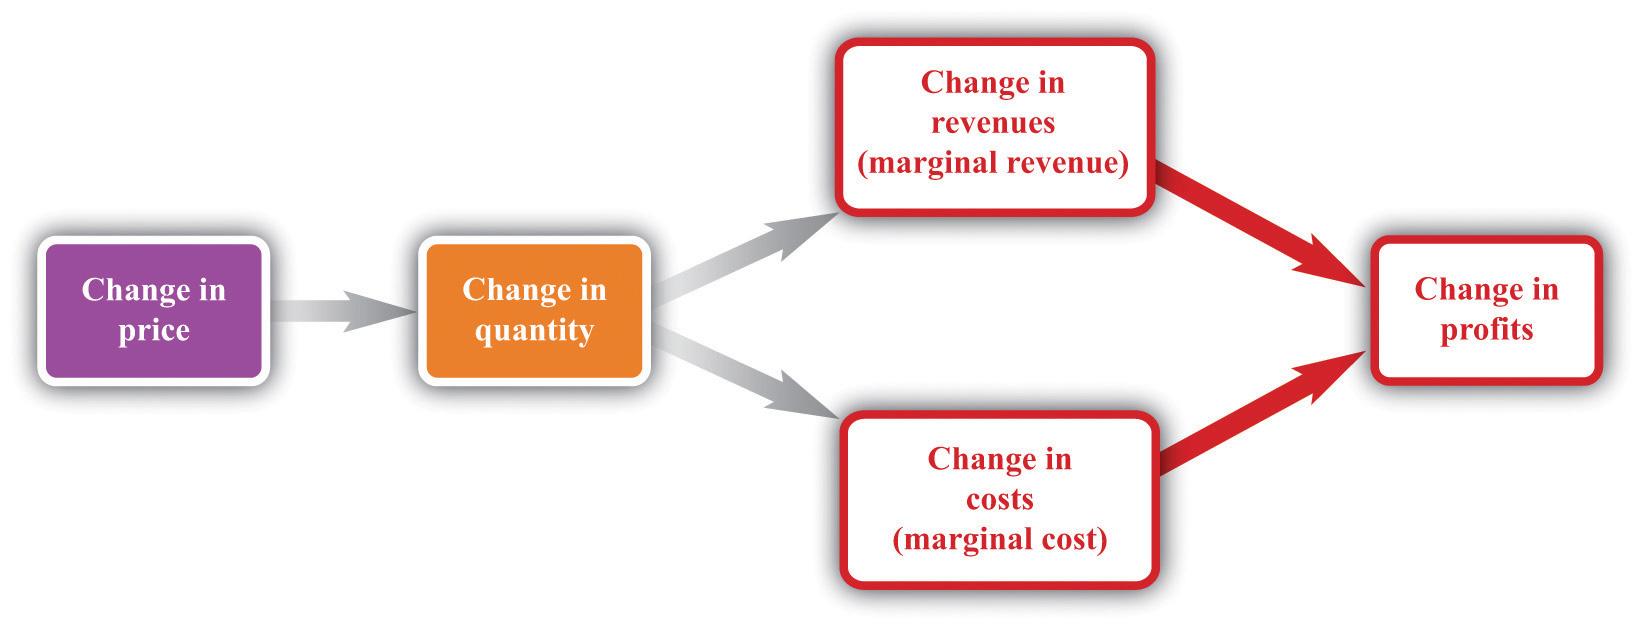 how to find marginal revenue formula